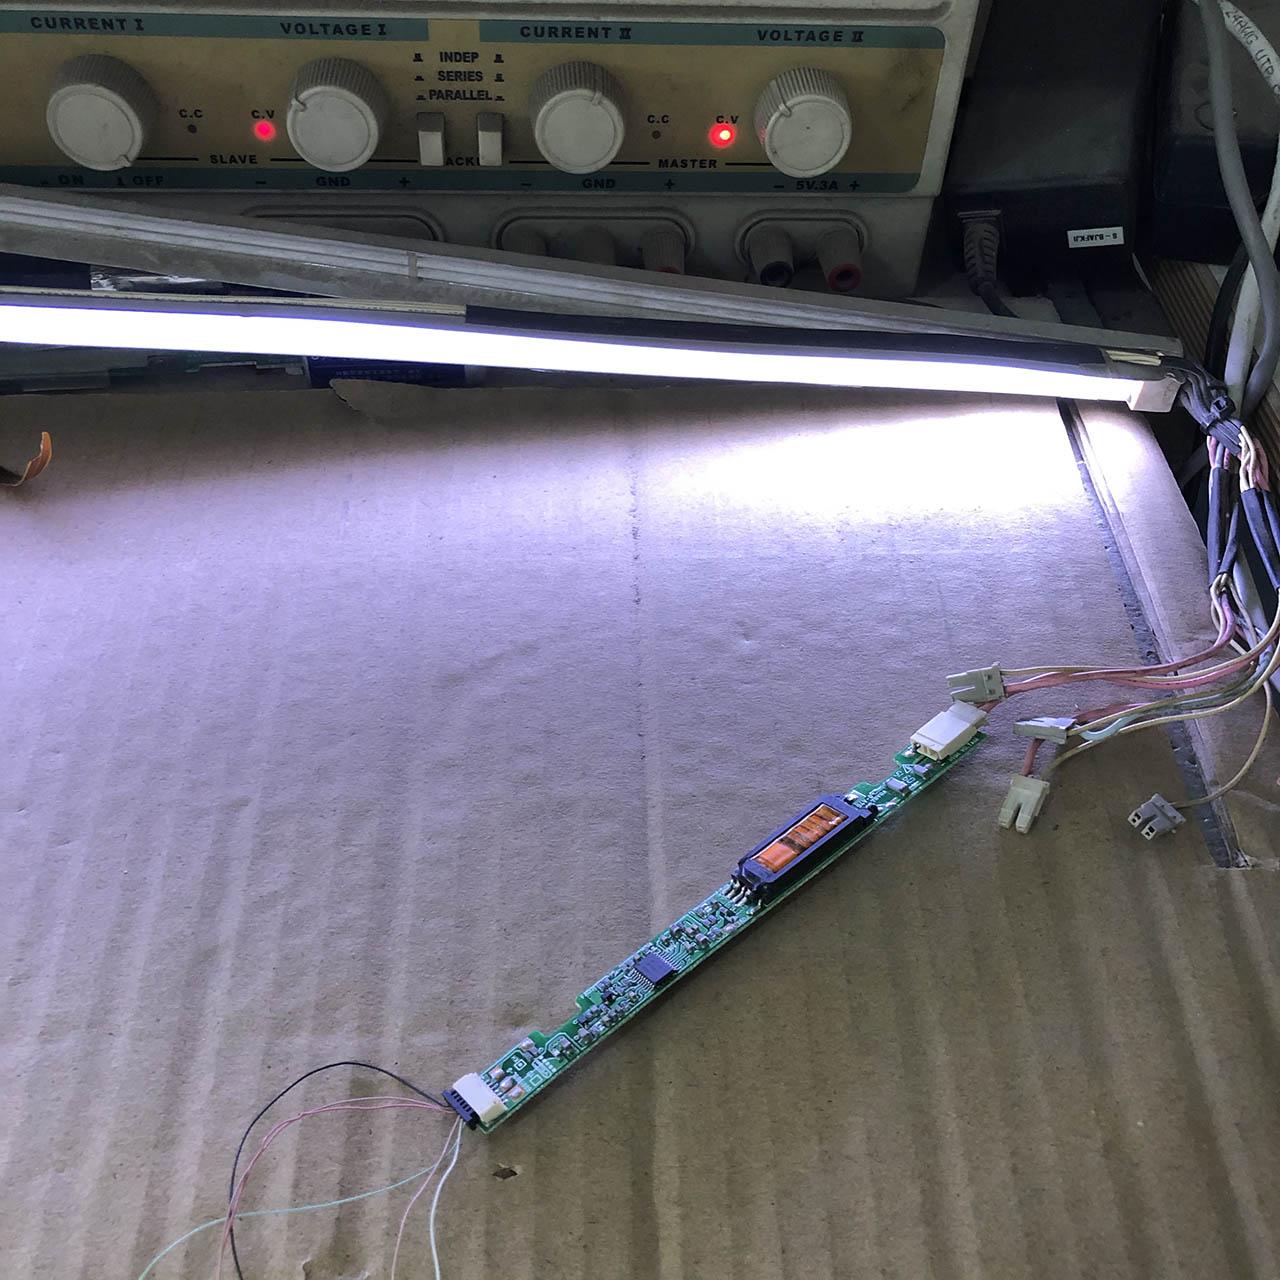 惠普6820S 6720s笔记本电脑屏幕突然特别暗 或经常暗屏维修浅解